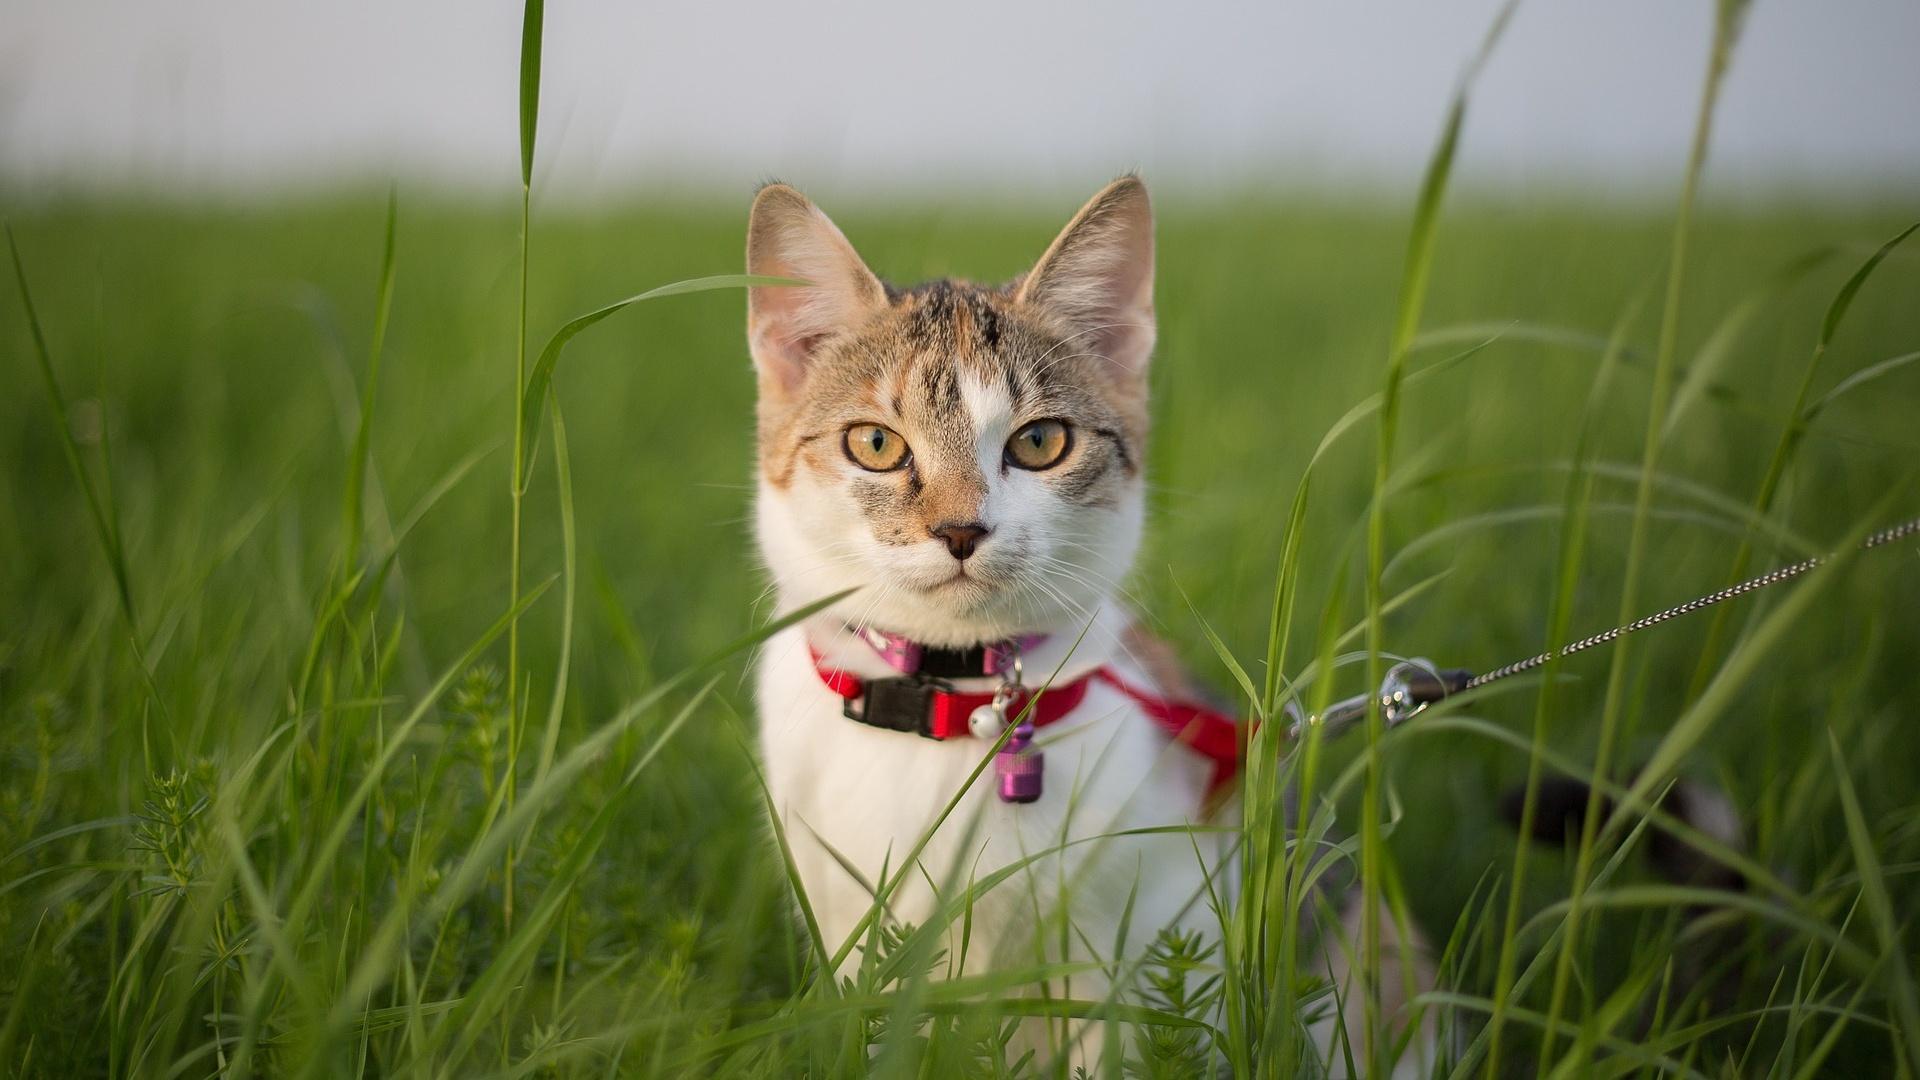 Ist Rosmarin giftig für Katzen? Schnell und einfach erklärt